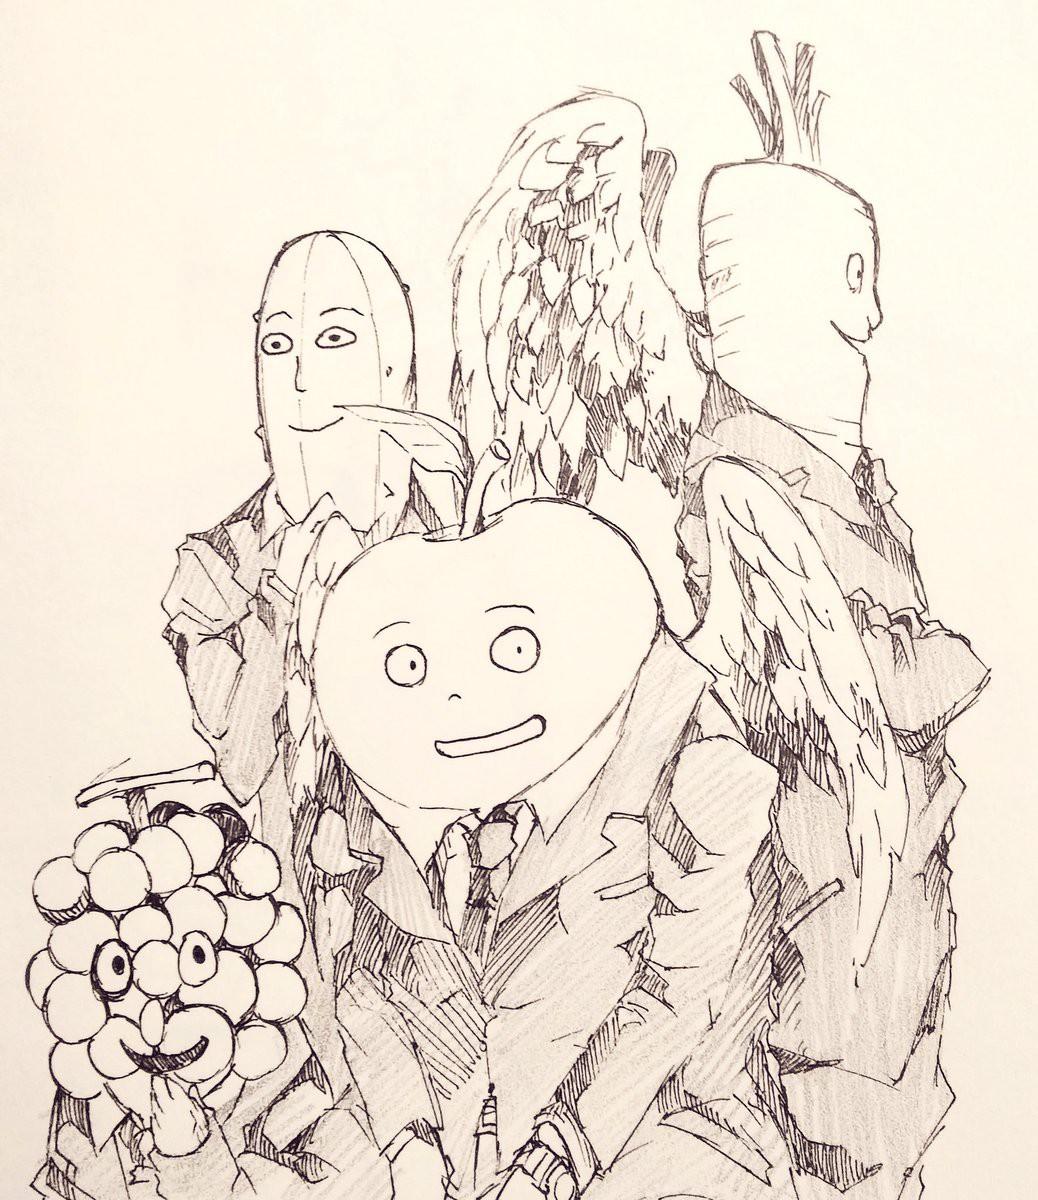 Nhật Bản: Bài thi tiếng Anh liên quan đến rau củ có cánh khiến Internet ngáo ngơ vì quá dị-6